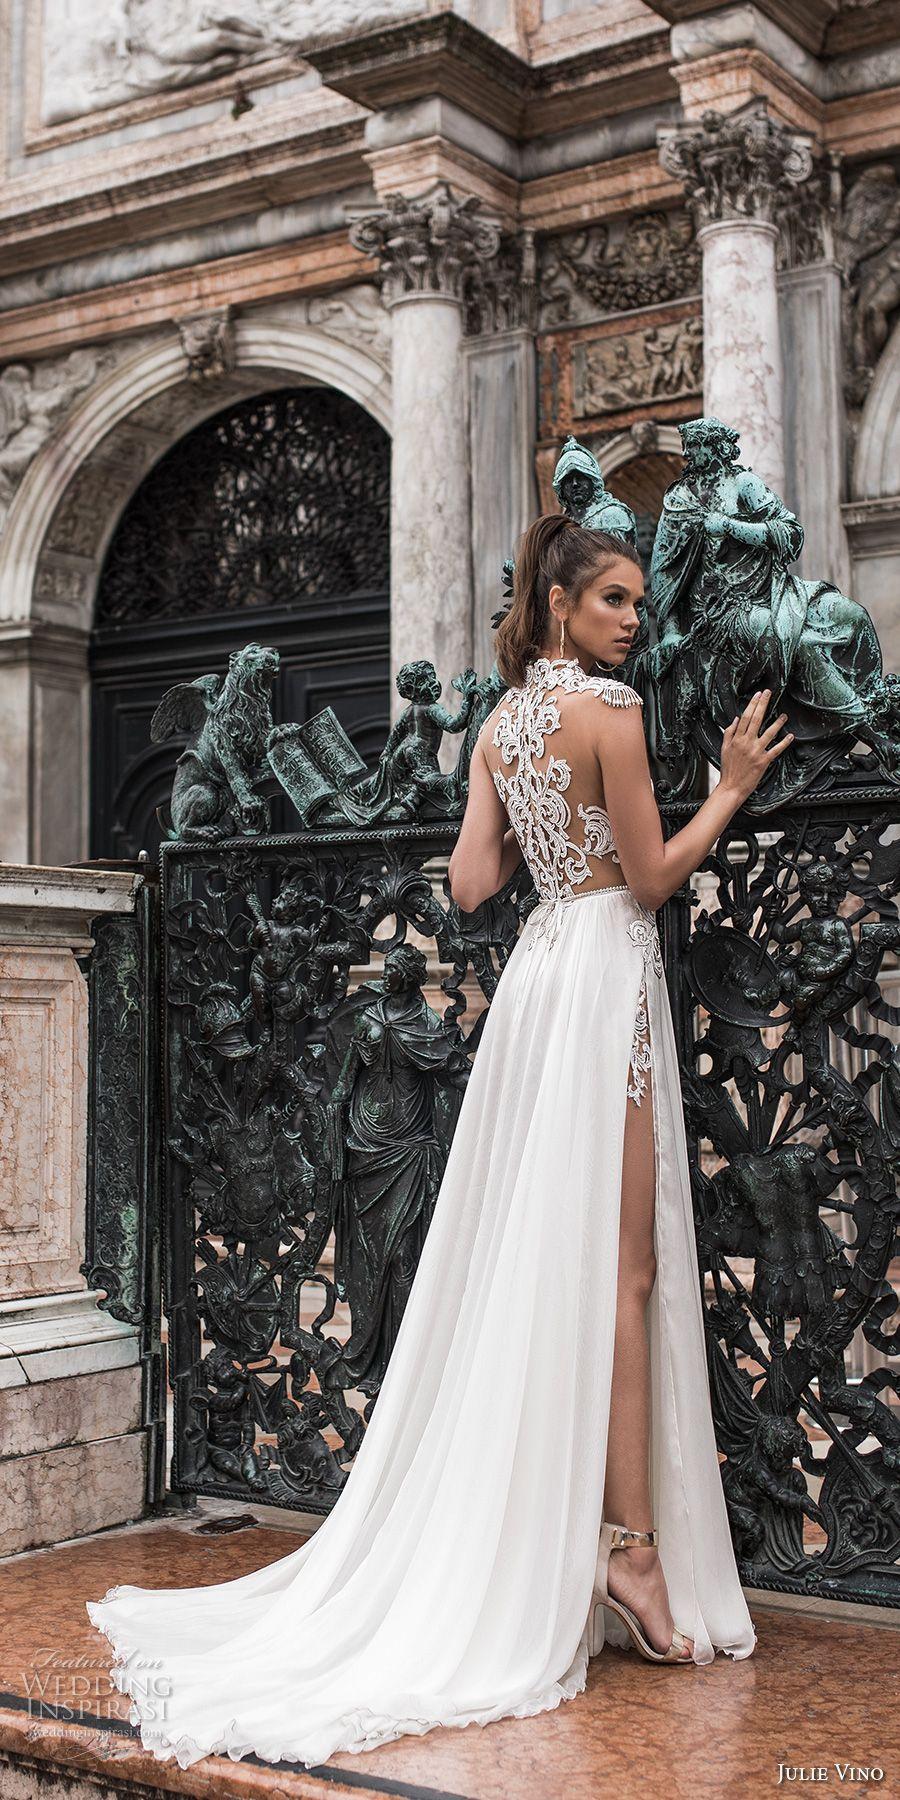 Julie vino spring bridal cap sleeves jewel neck heavily